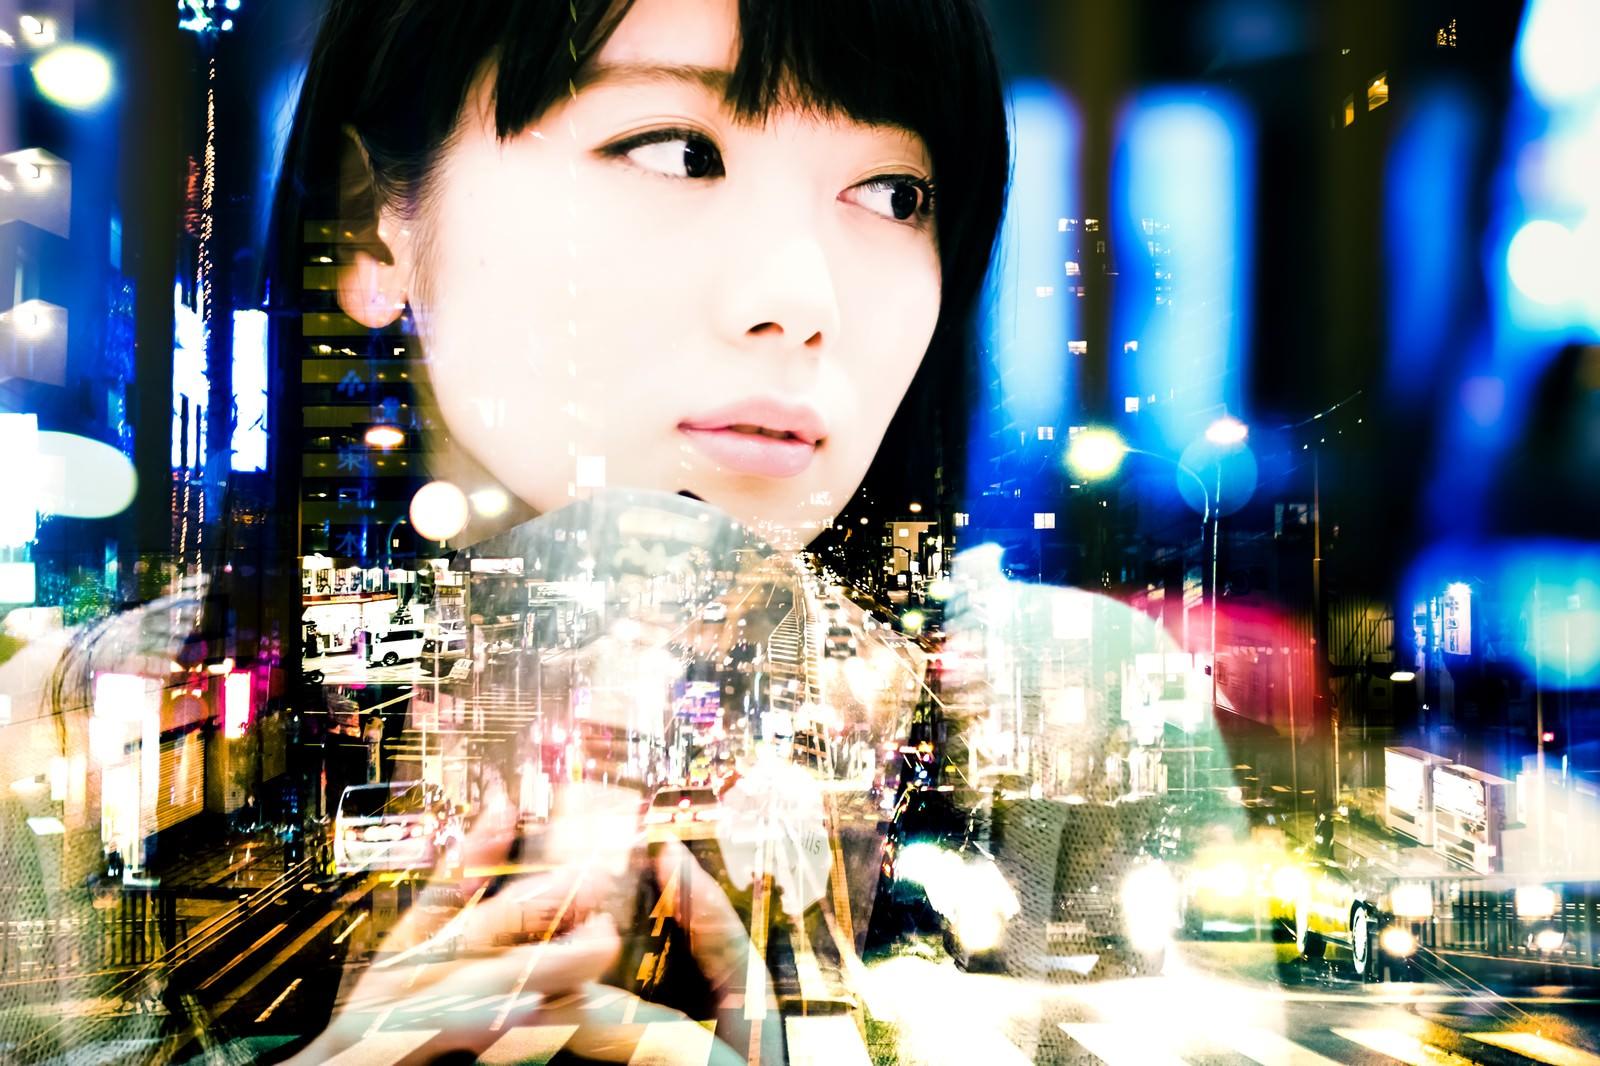 「遠距離恋愛(フォトモンタージュ)遠距離恋愛(フォトモンタージュ)」[モデル:白鳥片栗粉]のフリー写真素材を拡大